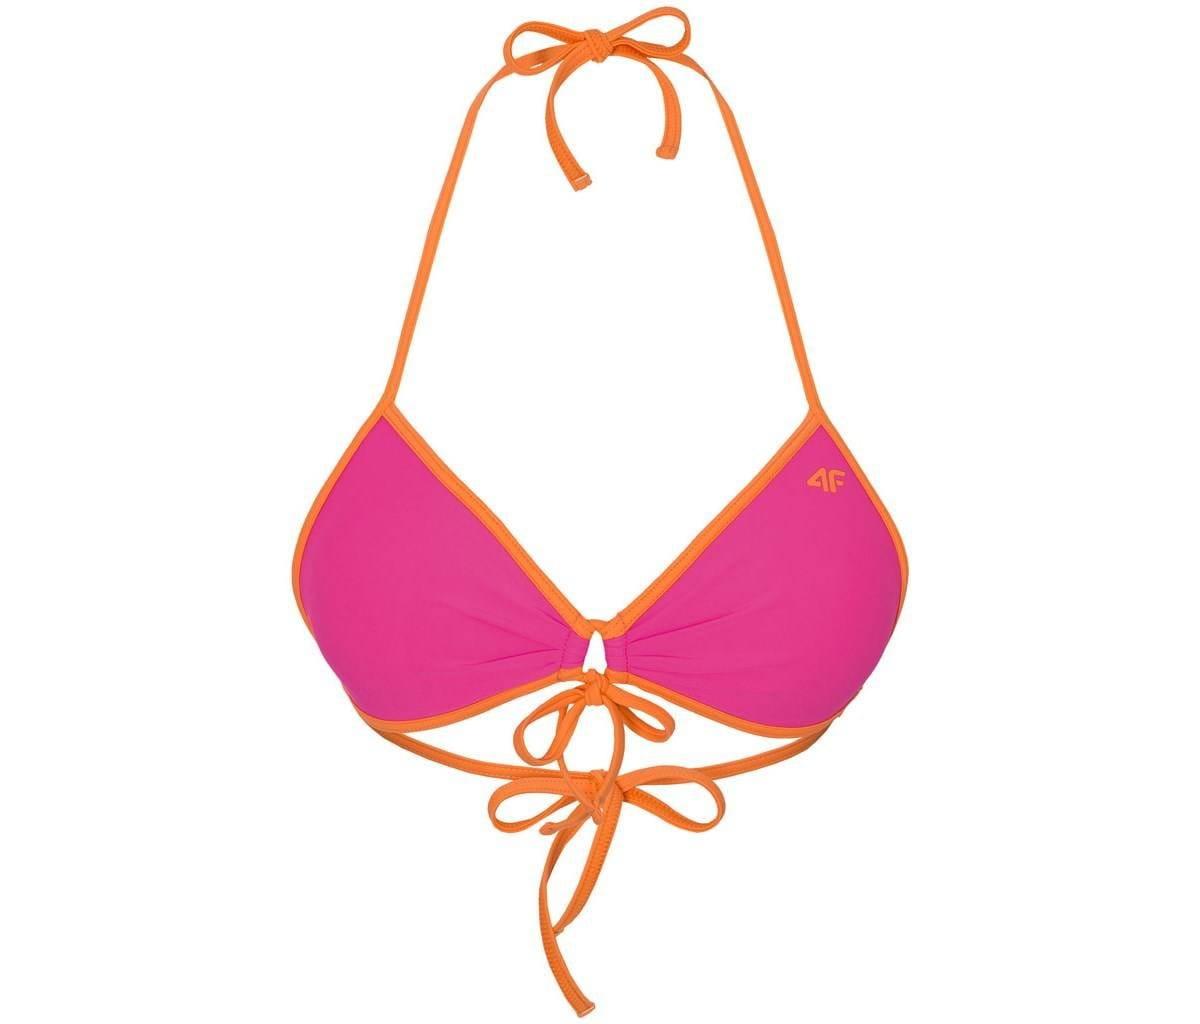 Plavky 4F Women's swimsuit KOS001A